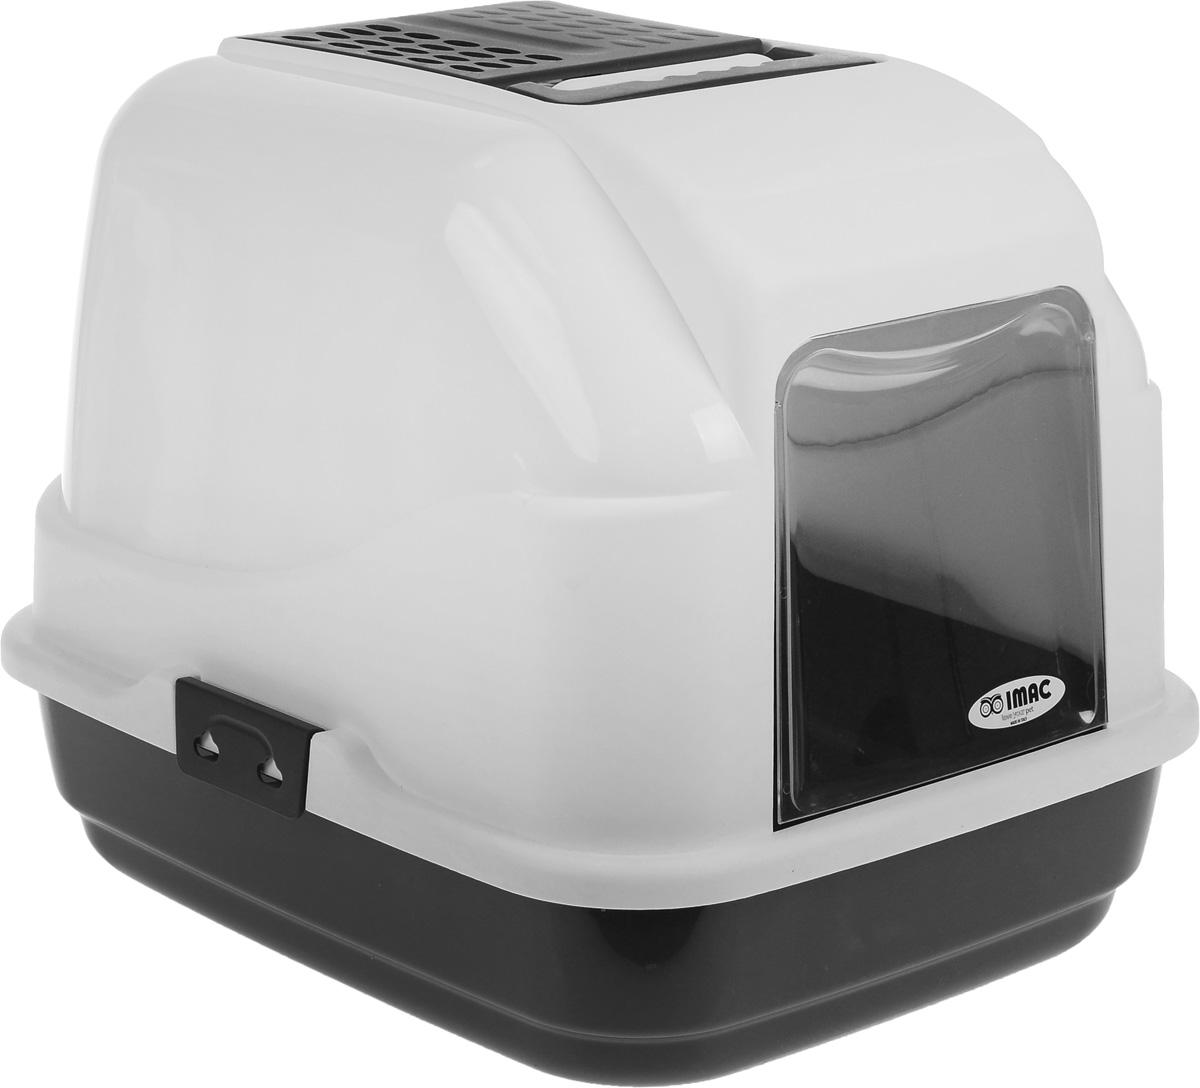 Туалет для кошек IMAC Easy Cat, закрытый, цвет: белый, черный, 50 х 40 х 40 см84091Закрытый туалет для кошек IMAC Easy Cat выполнен из высококачественного пластика. Он довольно вместительный и напоминает домик. Туалет оснащен прозрачной открывающейся дверцей, сменным угольным фильтром, совком и удобной ручкой для переноски. Такой туалет избавит ваш дом от неприятного запаха и разбросанных повсюду частичек наполнителя. Кошка в таком туалете будет чувствовать себя увереннее, ведь в этом укромном уголке ее никто не увидит. Кроме того, яркий дизайн с легкостью впишется в интерьер вашего дома. Туалет легко открывается для чистки благодаря практичным защелкам по бокам.